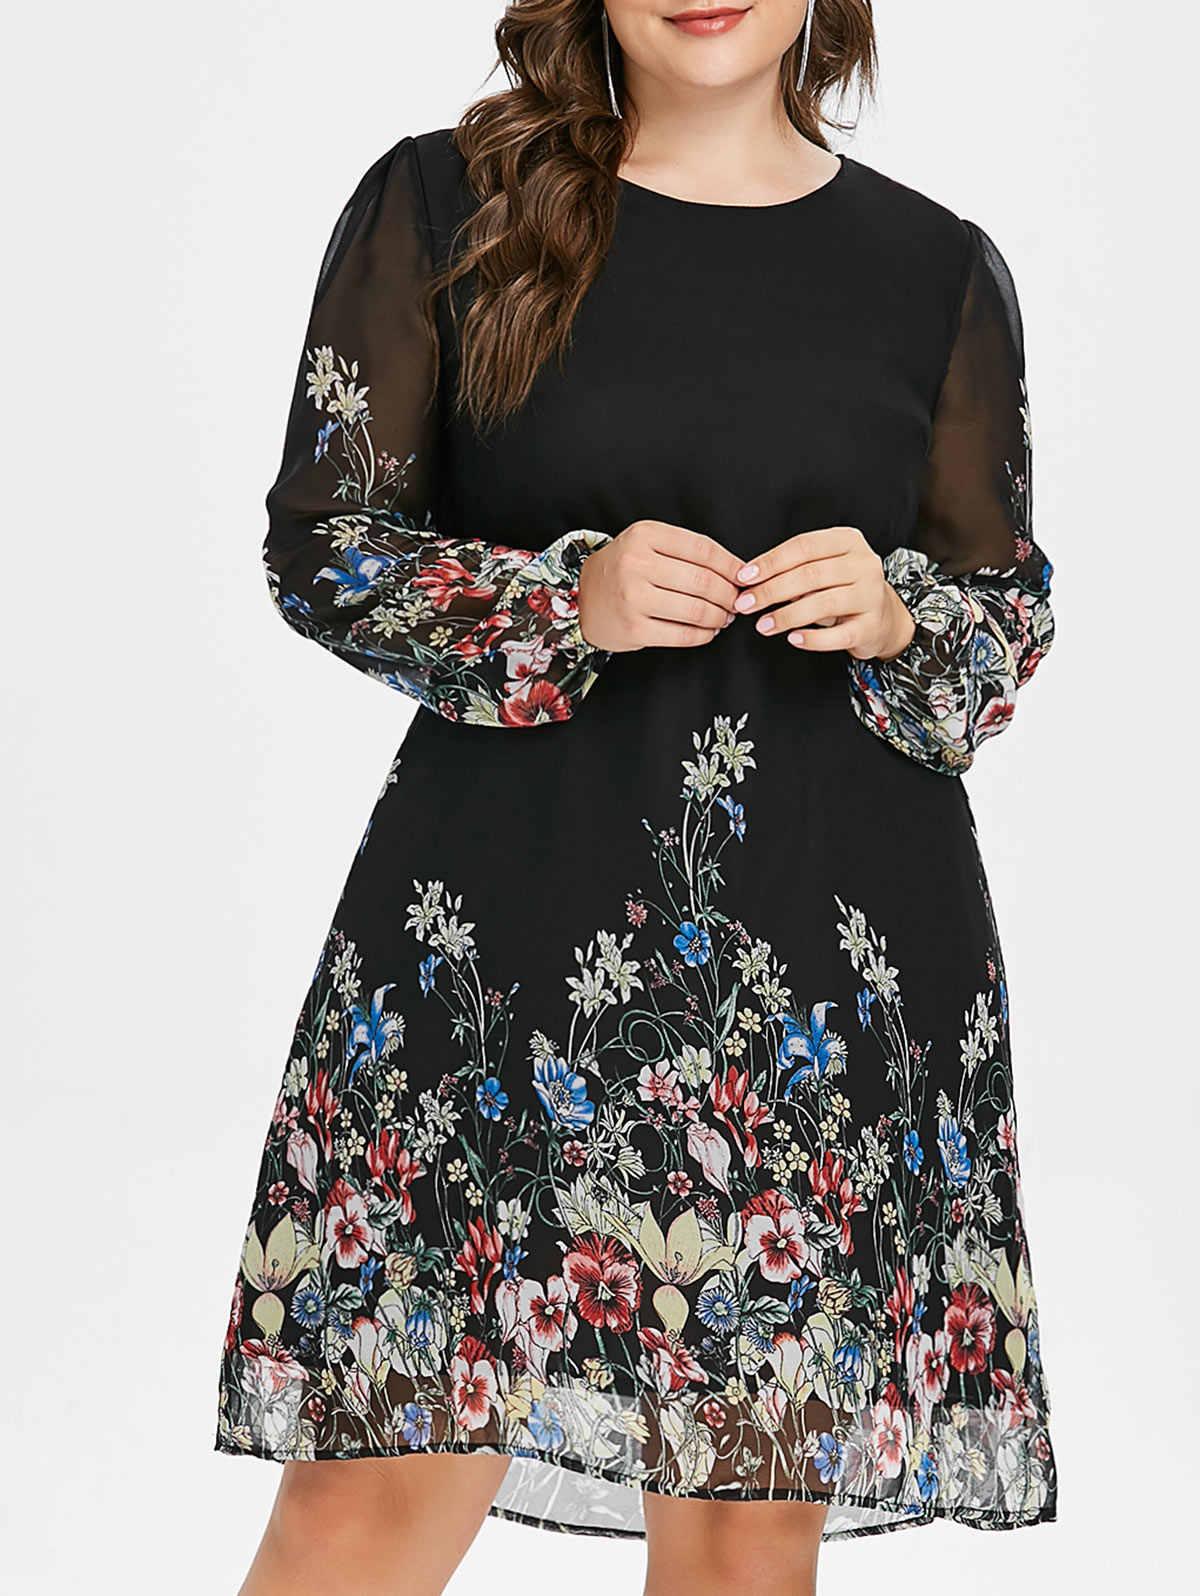 82e8290528bef29 Wipalo 2019 Осень женское шифоновое платье с длинным рукавом с круглым  вырезом Повседневное платье черный плюс